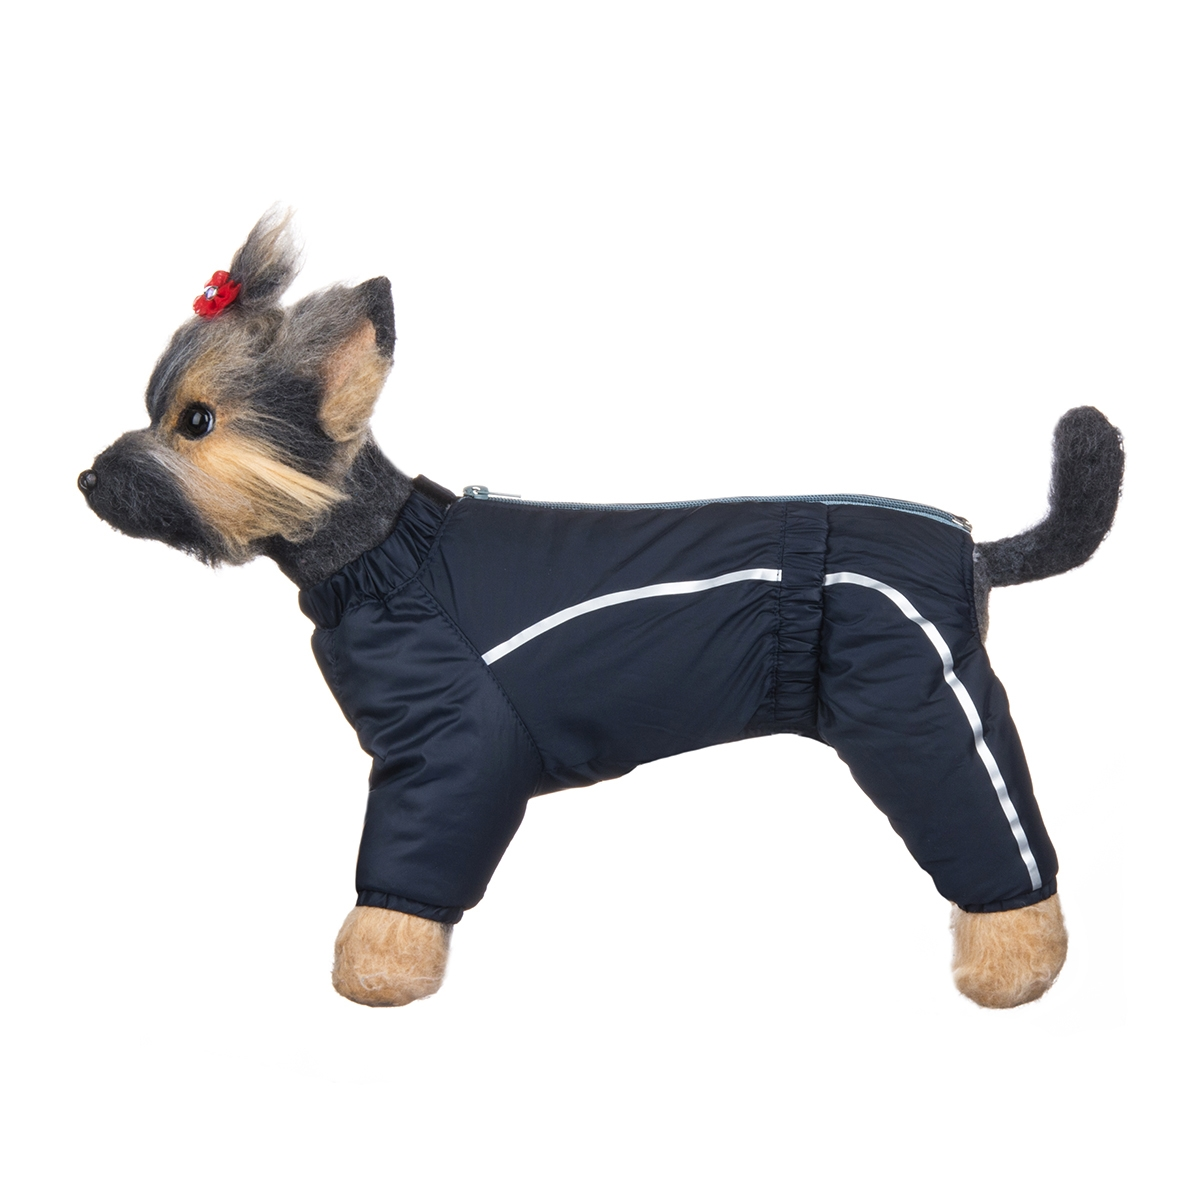 Комбинезон для собак Dogmoda Альпы, зимний, для мальчика, цвет: синий, светло-серый. Размер 1 (S)DM-150351-1Зимний комбинезон для собак Dogmoda Альпы отлично подойдет для прогулок в зимнее время года.Комбинезон изготовлен из полиэстера, защищающего от ветра и снега, с утеплителем из синтепона, который сохранит тепло даже в сильные морозы, а на подкладке используется искусственный мех, который обеспечивает отличный воздухообмен. Комбинезон застегивается на молнию и липучку, благодаря чему его легко надевать и снимать. Ворот, низ рукавов и брючин оснащены внутренними резинками, которые мягко обхватывают шею и лапки, не позволяя просачиваться холодному воздуху. На пояснице имеется внутренняя резинка. Изделие декорировано серебристыми полосками и надписью DM.Благодаря такому комбинезону простуда не грозит вашему питомцу и он сможет испытать не сравнимое удовольствие от снежных игр и забав.